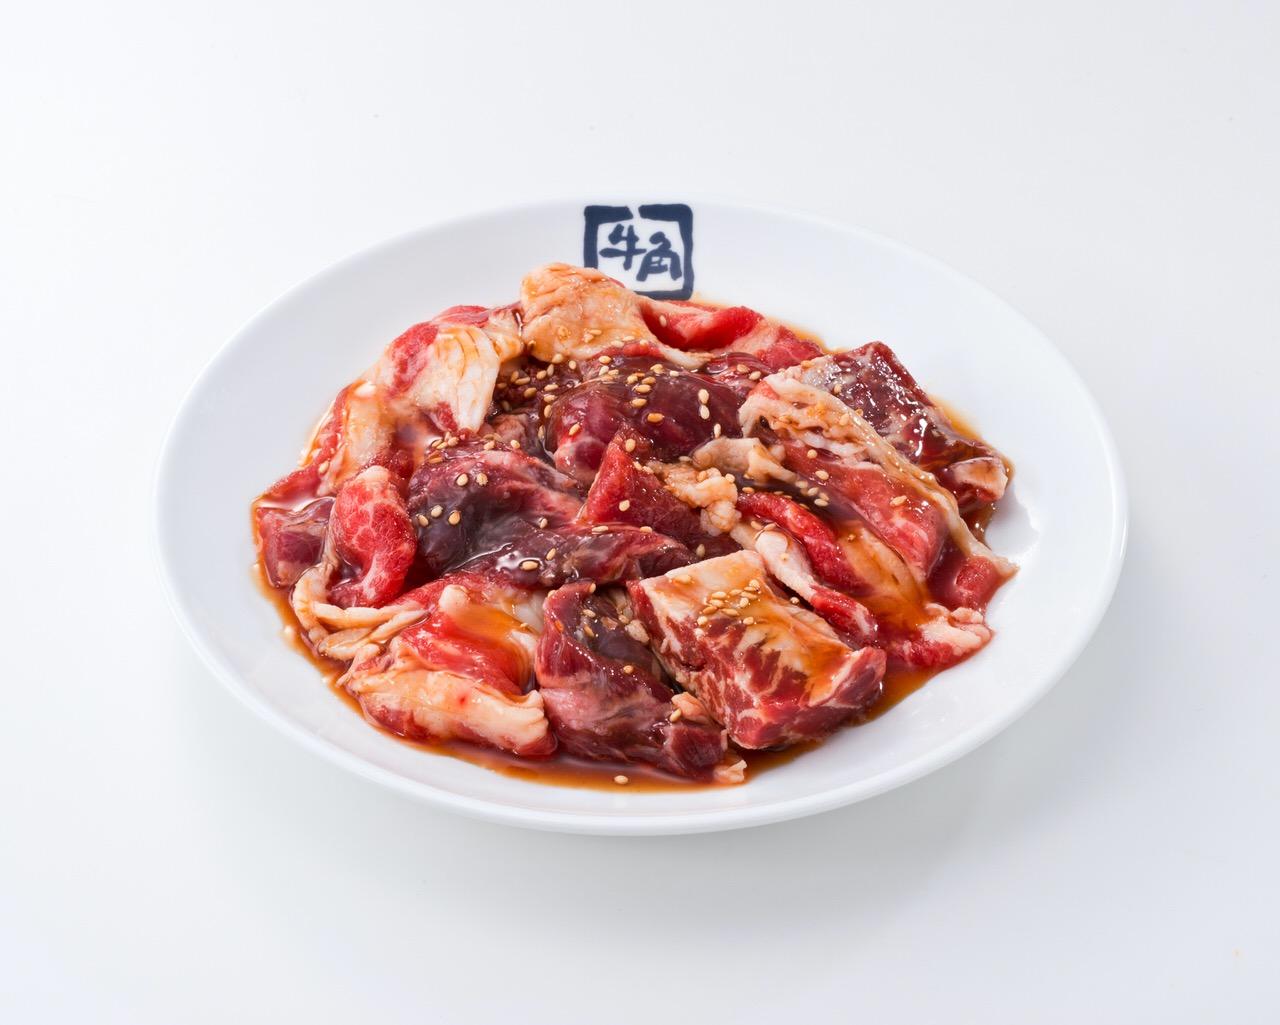 【牛角】肉+おつまみ2品+ごはん+飲み放題で980円のお一人様向け「焼肉定食」を開始